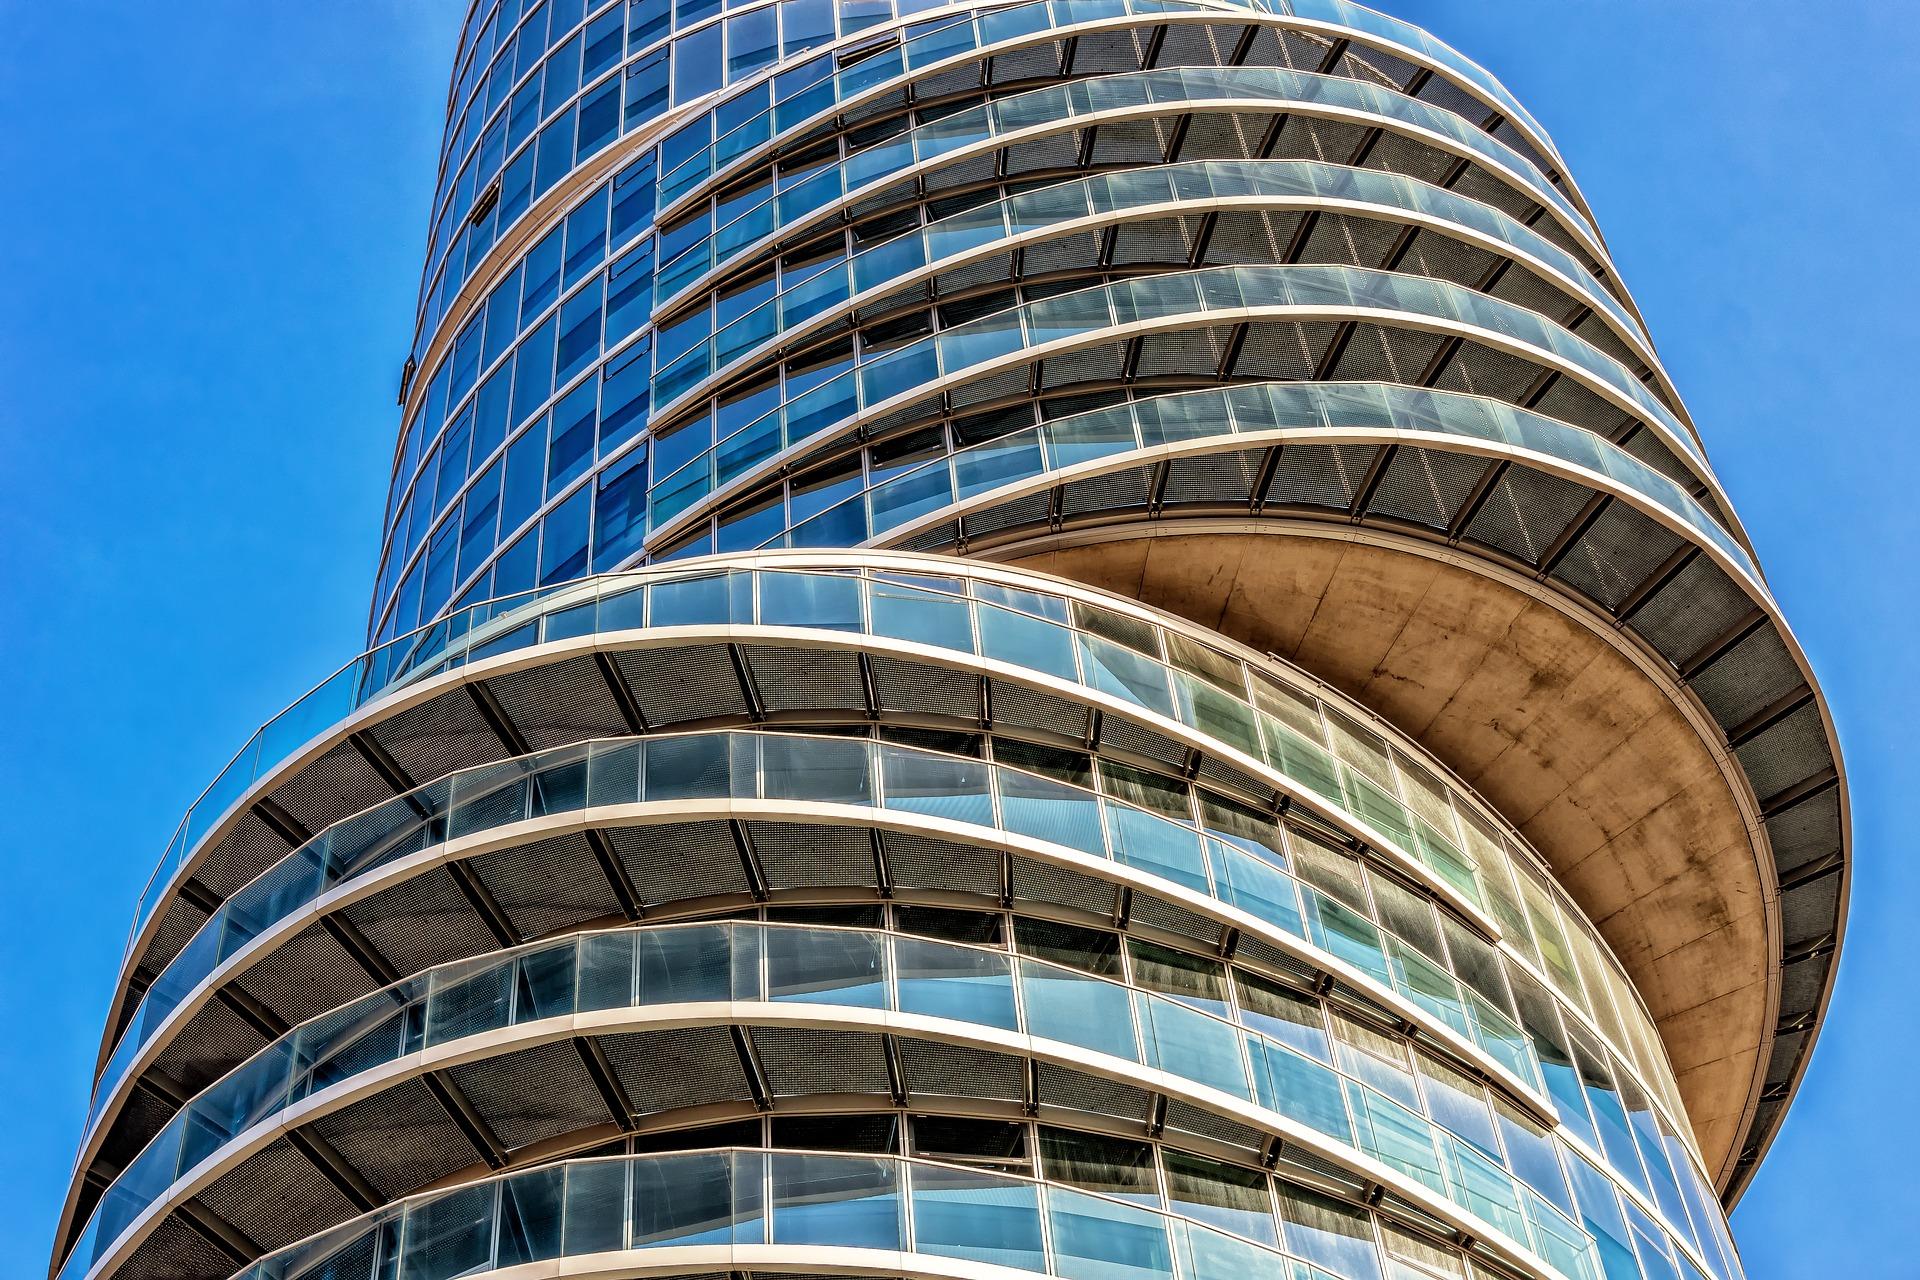 Büroetagen, Architektur